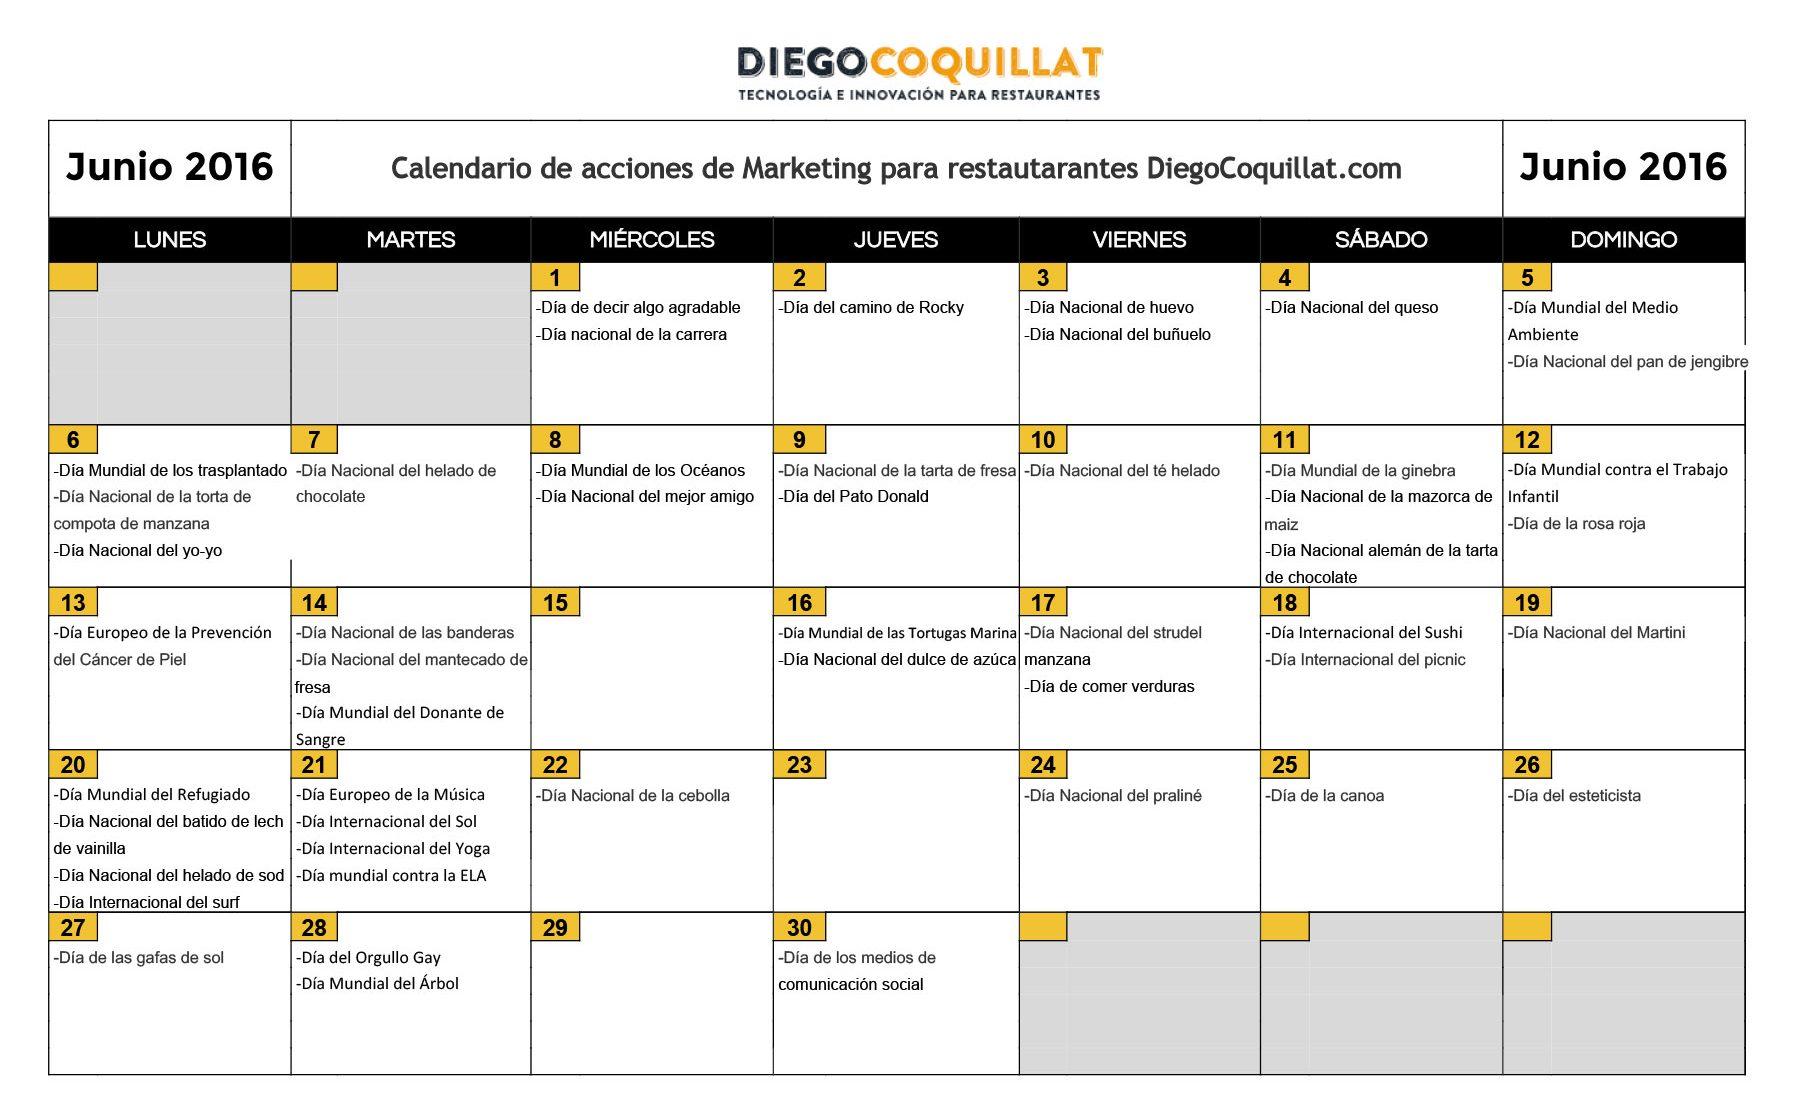 Junio de 2016: marketing activities calendar for restaurants